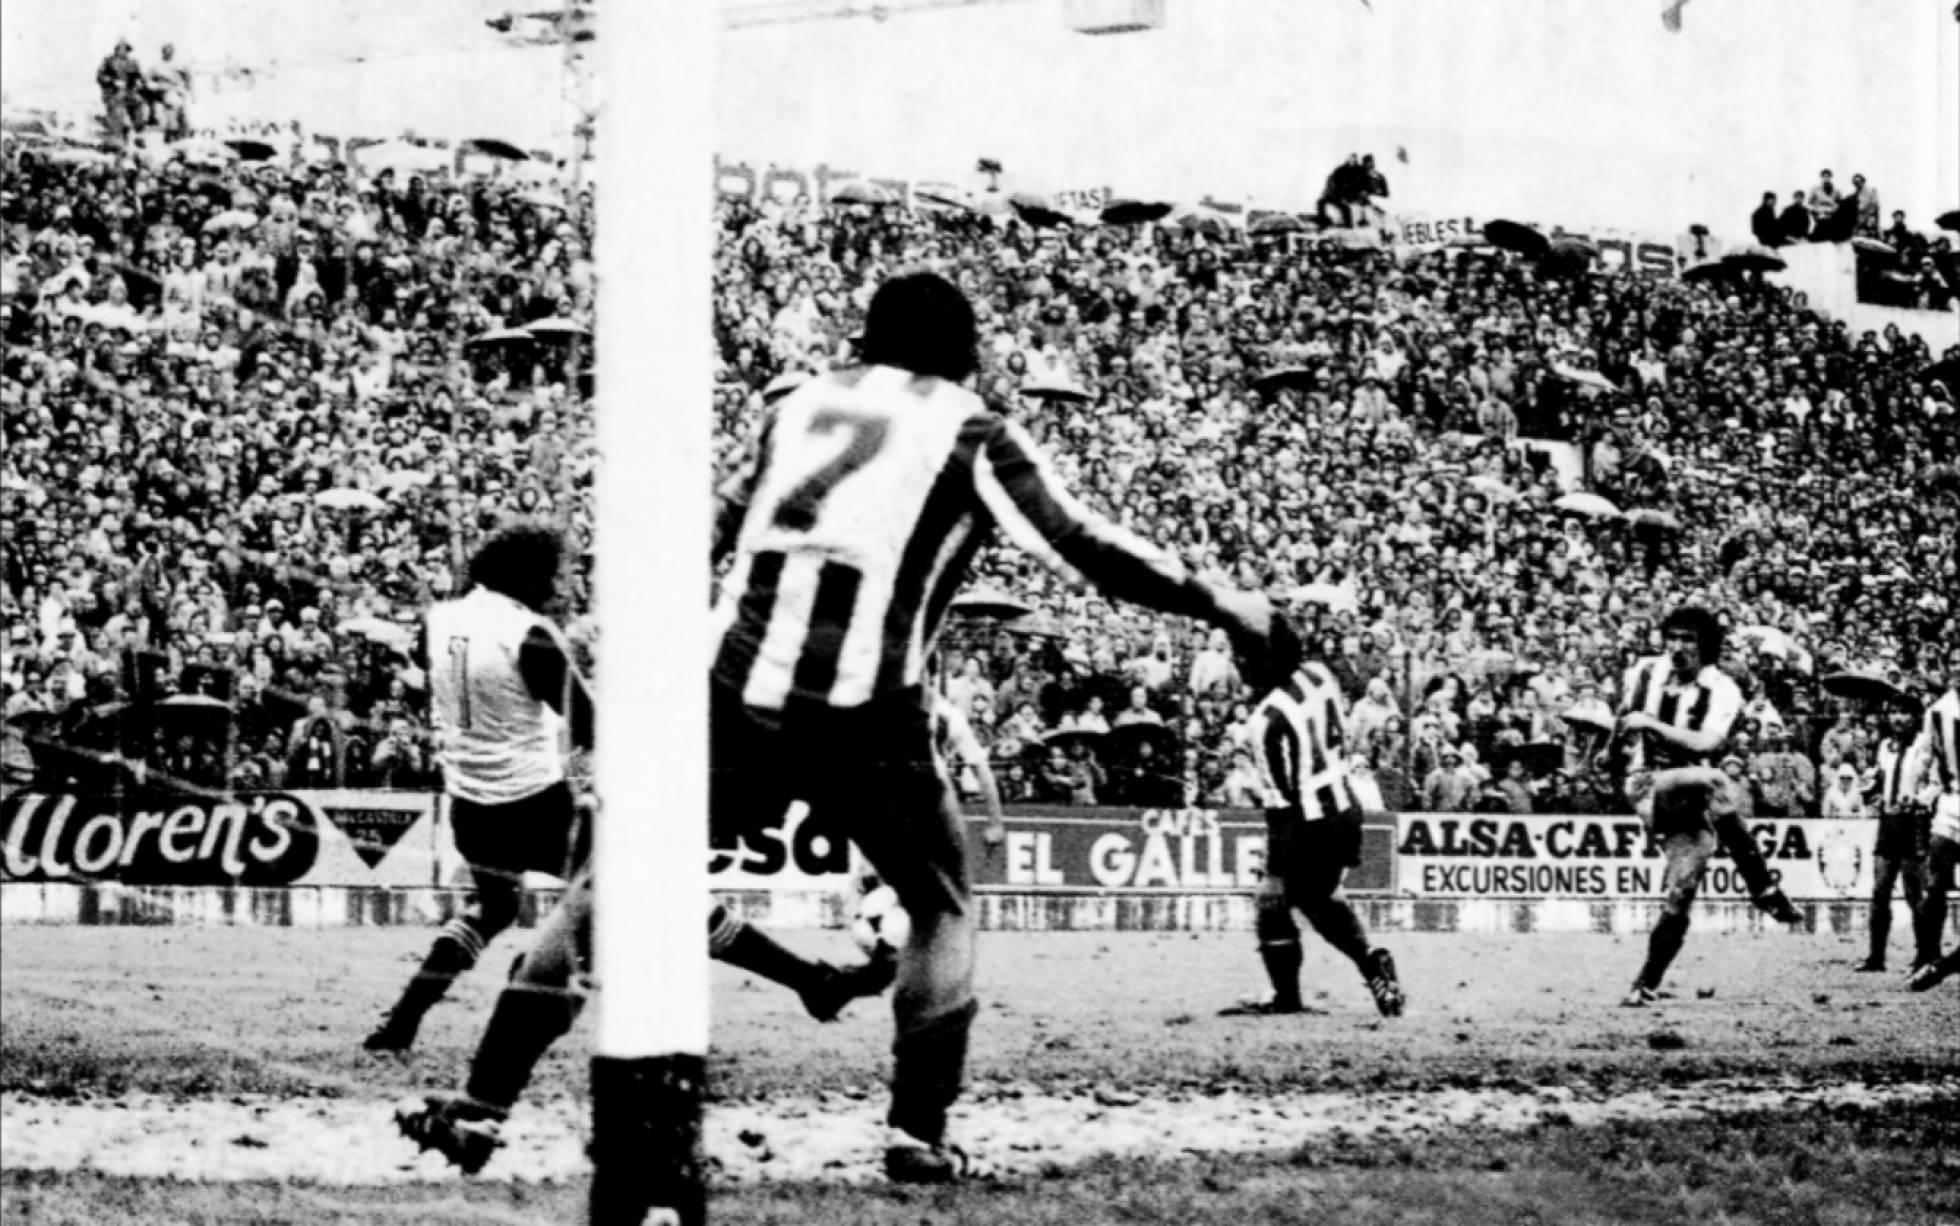 Bàn gỡ hoà 2-2 của Zamona giúp Sociedad vô địch La Liga năm 1981. Ảnh: AS